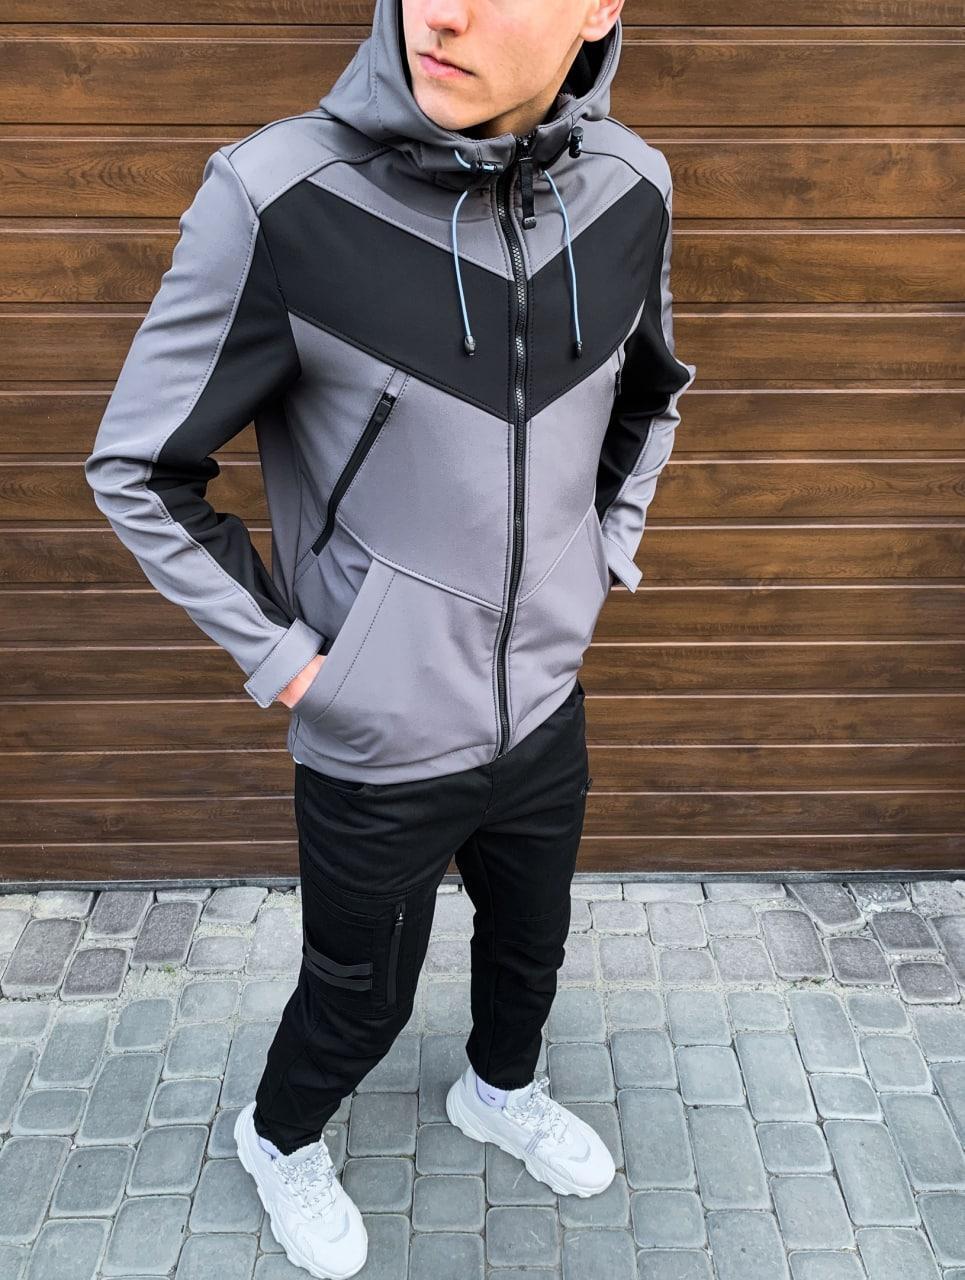 Чоловіча куртка Ragnar (Grey Black insert)S L XL